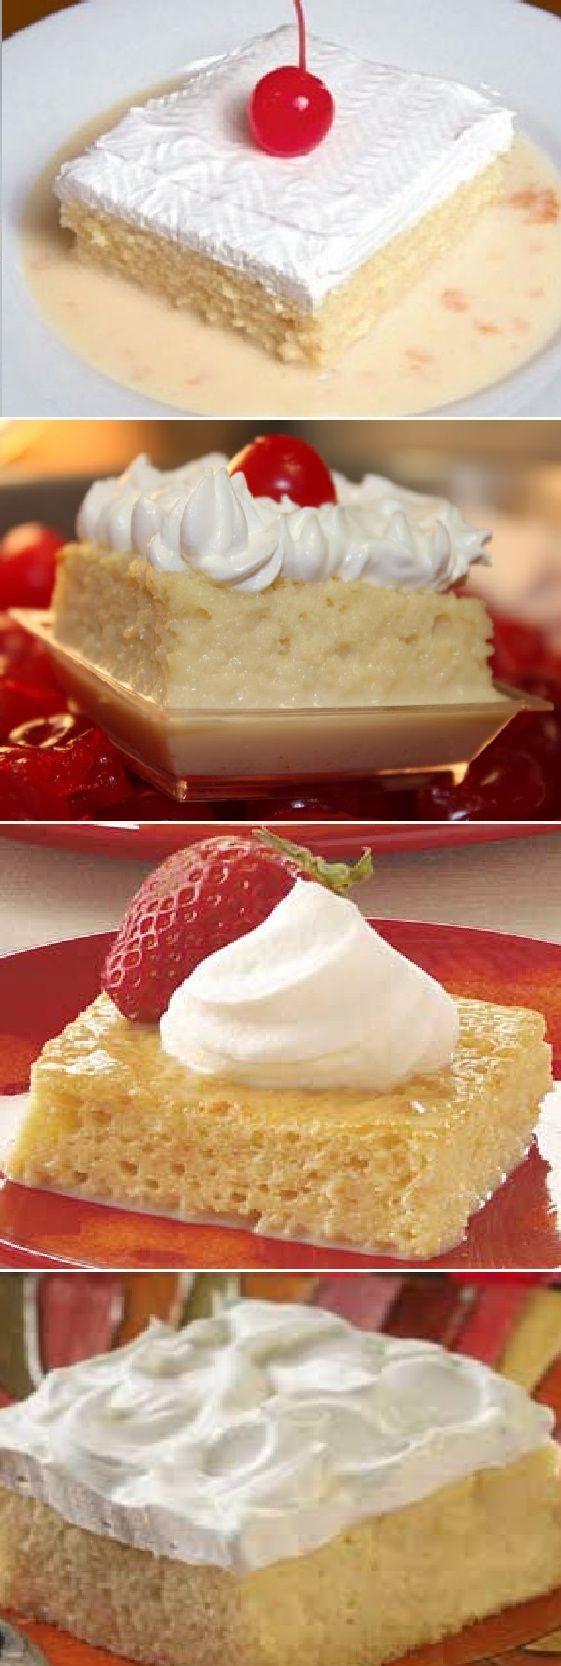 Pastel de 3 Leches en 5 minutos! ¿Te vas a perder esta receta? #3leches #tresleches #postres #receta #recipe #casero #torta #tartas #pastel #nestlecocina #bizcocho #bizcochuelo #tasty #cocina #chocolate #pan #panes Si te gusta dinos HOLA y dale a Me Gusta MIREN…